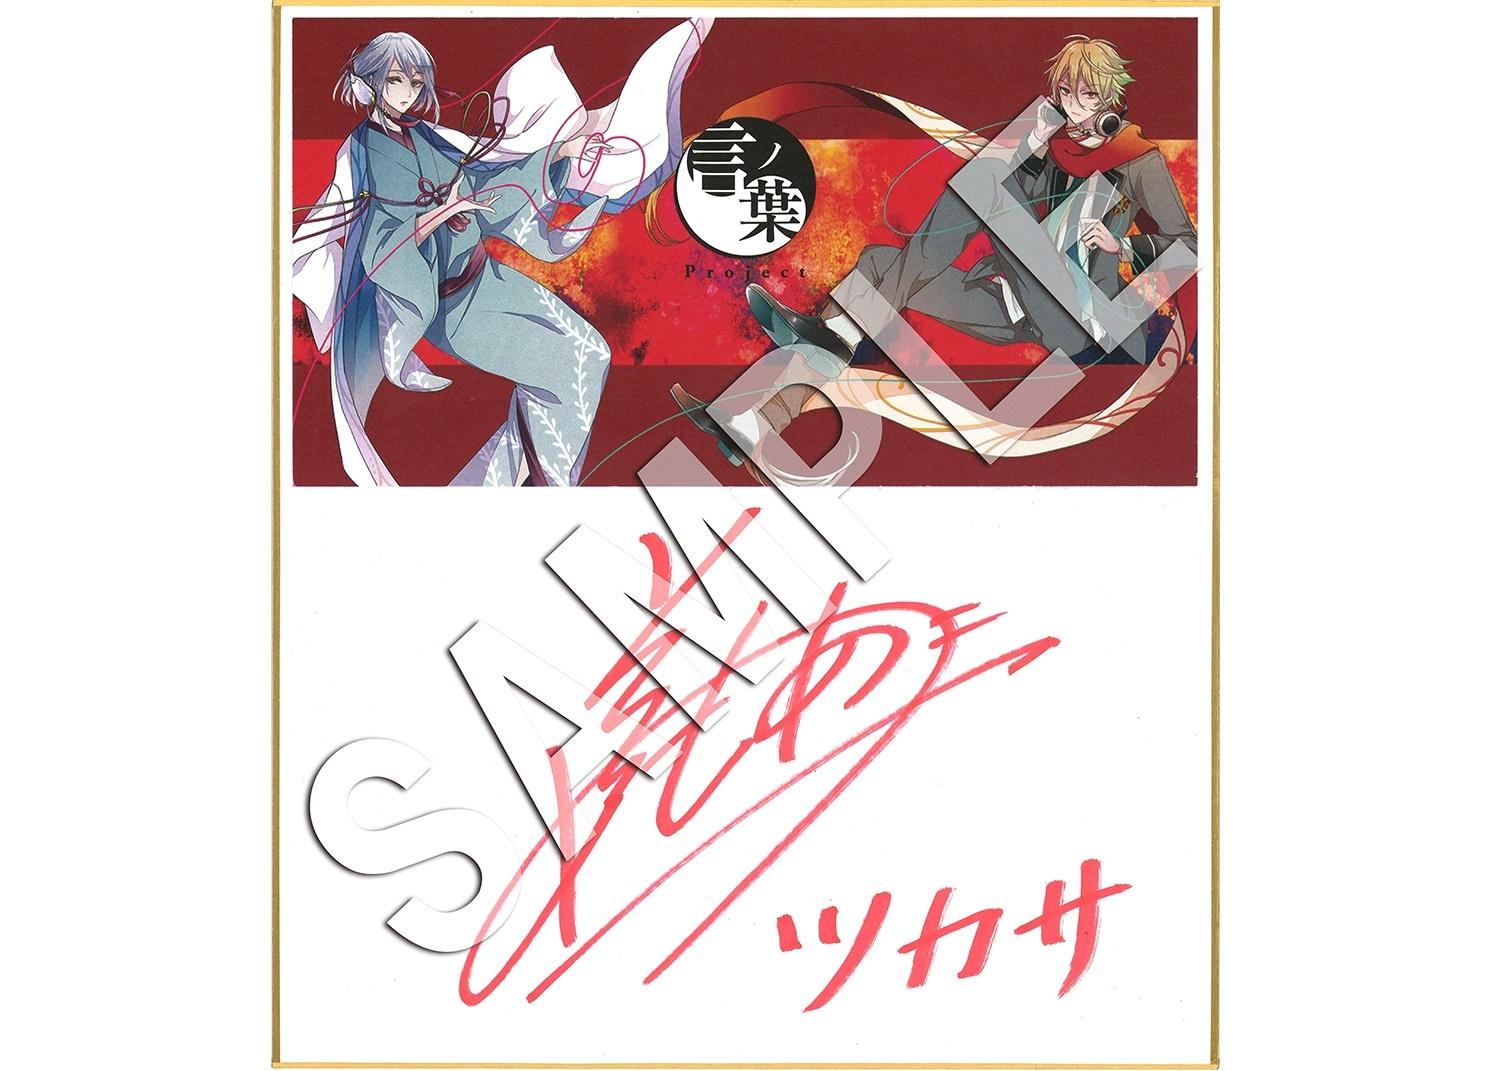 『言ノ葉プロジェクト ~詠唱集~』アニメイトオンライン限定キャンペーン開催